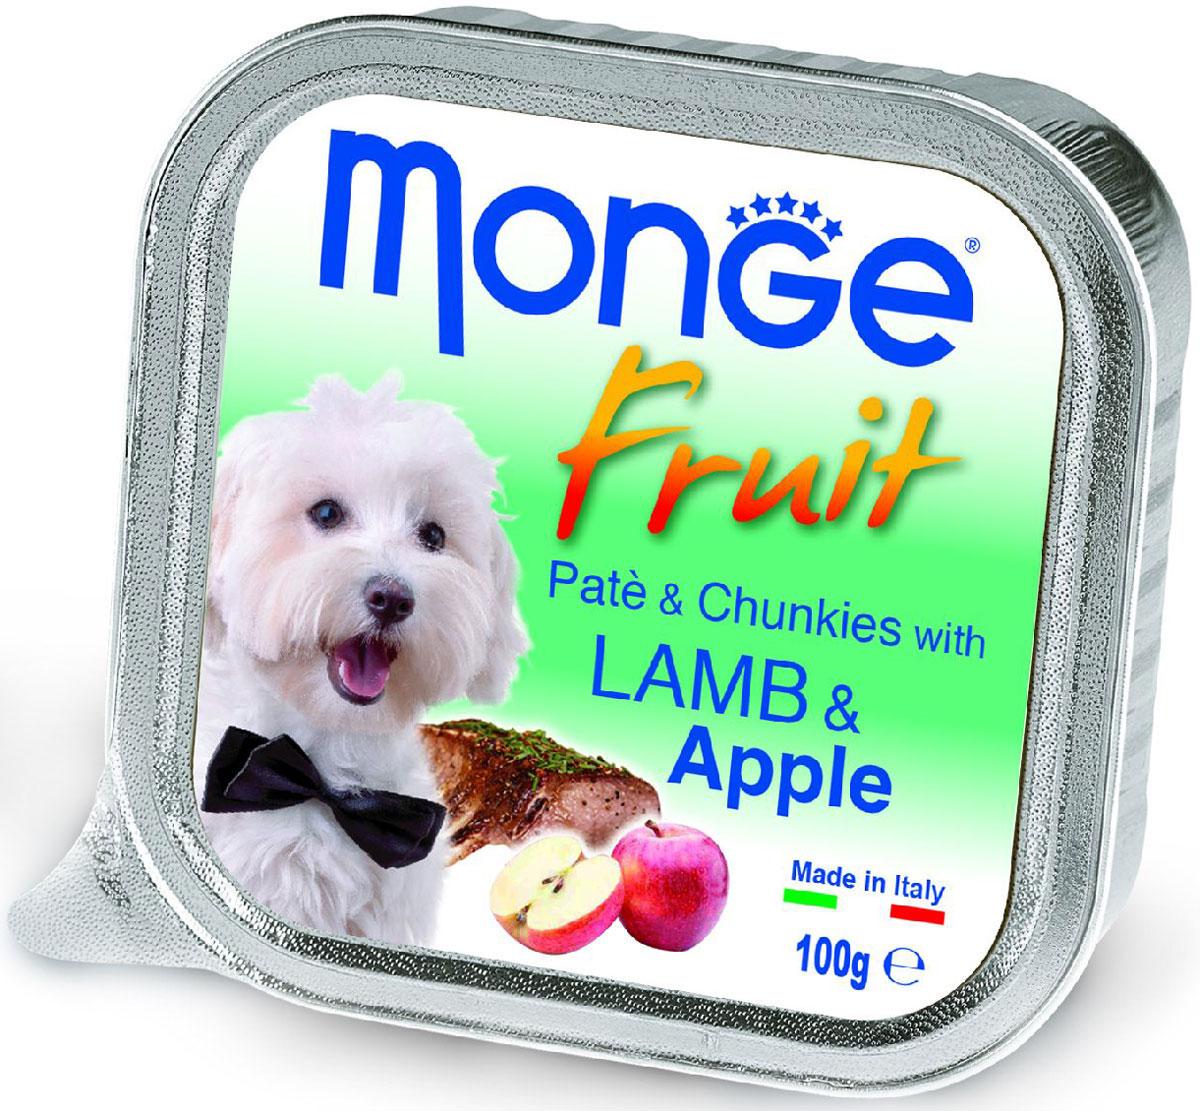 Консервы Monge Dog Fruit, для собак, с ягненком и яблоком, 100 г70013222Monge Dog Fruit консервы для собак, ягненок с яблоком, 100 г. Полнорационный корм для собак. Паштет с ягне нком и яблоком. Рекомендации по кормлению: для собак средних пород минимум 400 граммов продукта в день. Подавать корм комнатной температуры. Убедитесь, что у собаки есть доступ к свежей чистой воде. Хранить при комнатной температуре, после вскрытия-в холодильнике. Гарантированный анализ: сырой белок 8,5%, сырые масла и жиры 7%, сырая зола 2,2%, сырая клетчатка 0,5%. Влажность 80%. Пищевые добавки/кг: витамин А 3000 МЕ, витамин D3 400 МЕ, витамин Е 15 мг. Ингредиенты: свежее мясо 80% (из которого мяса ягненка мин. 10%), яблоко 4%, минеральные вещества, витамины. Технологические добавки: загустители и желеобразующие компоненты. Рекомендации по кормлению: продукт подавать комнатной температуры или подогретый. ВАЖНО, чтобы животное всегда имело доступ к чистой, свежей воде. Собакам мелких пород необходимо минимум 400г продукта в день. Количество корма...